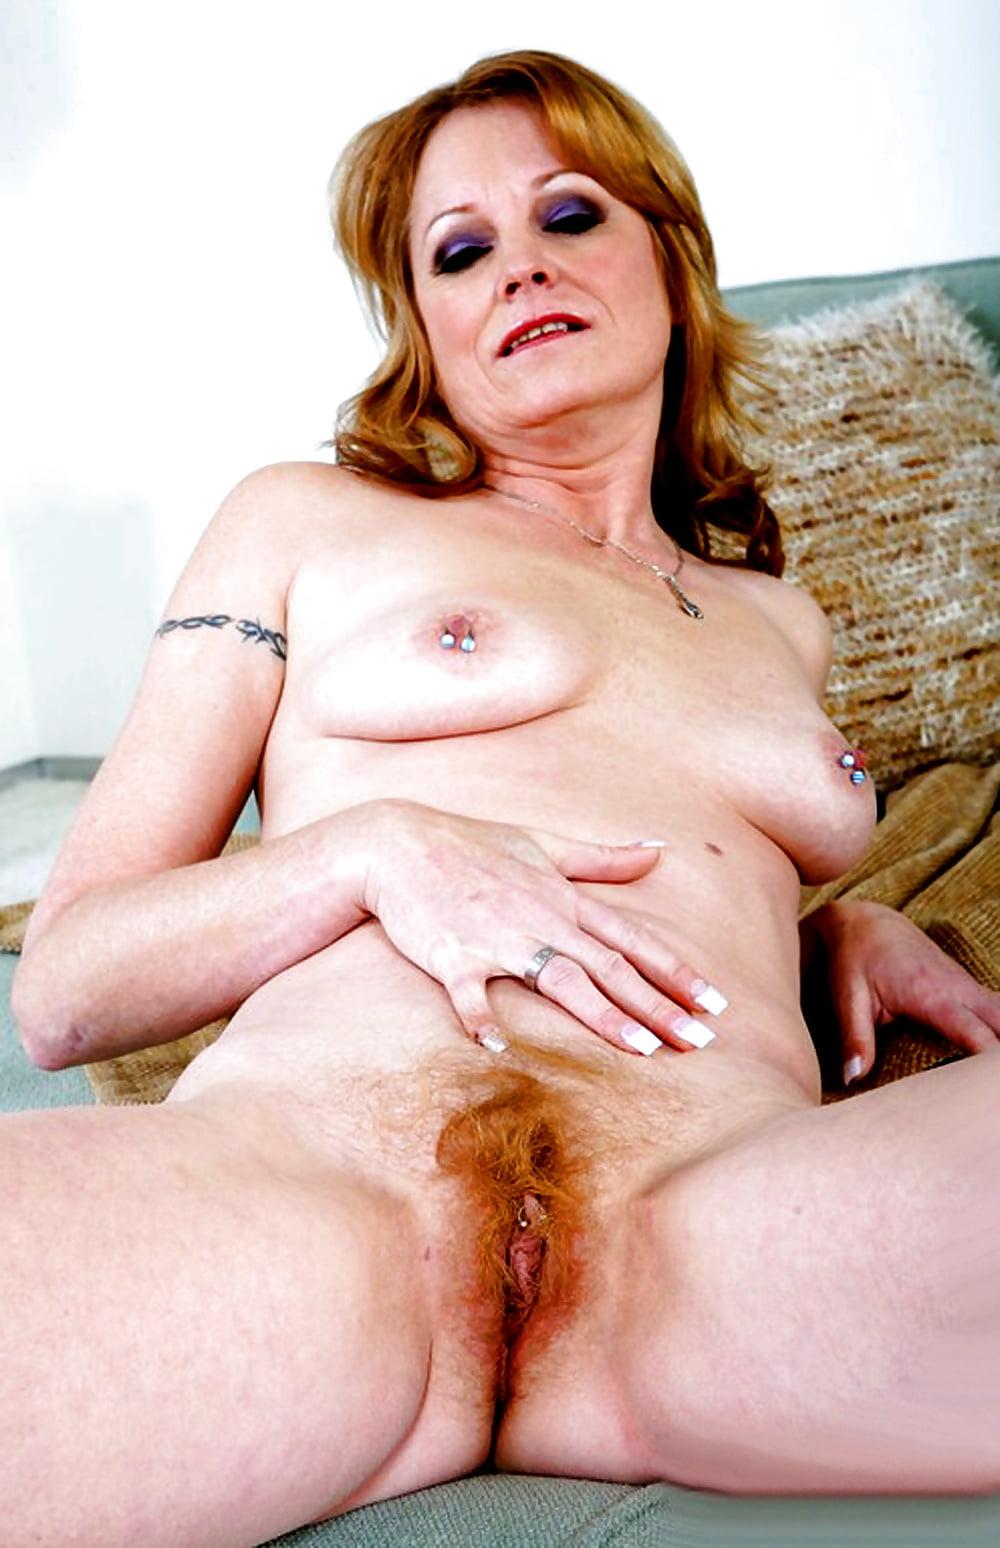 порно фото пожилых рыжих женщин записям